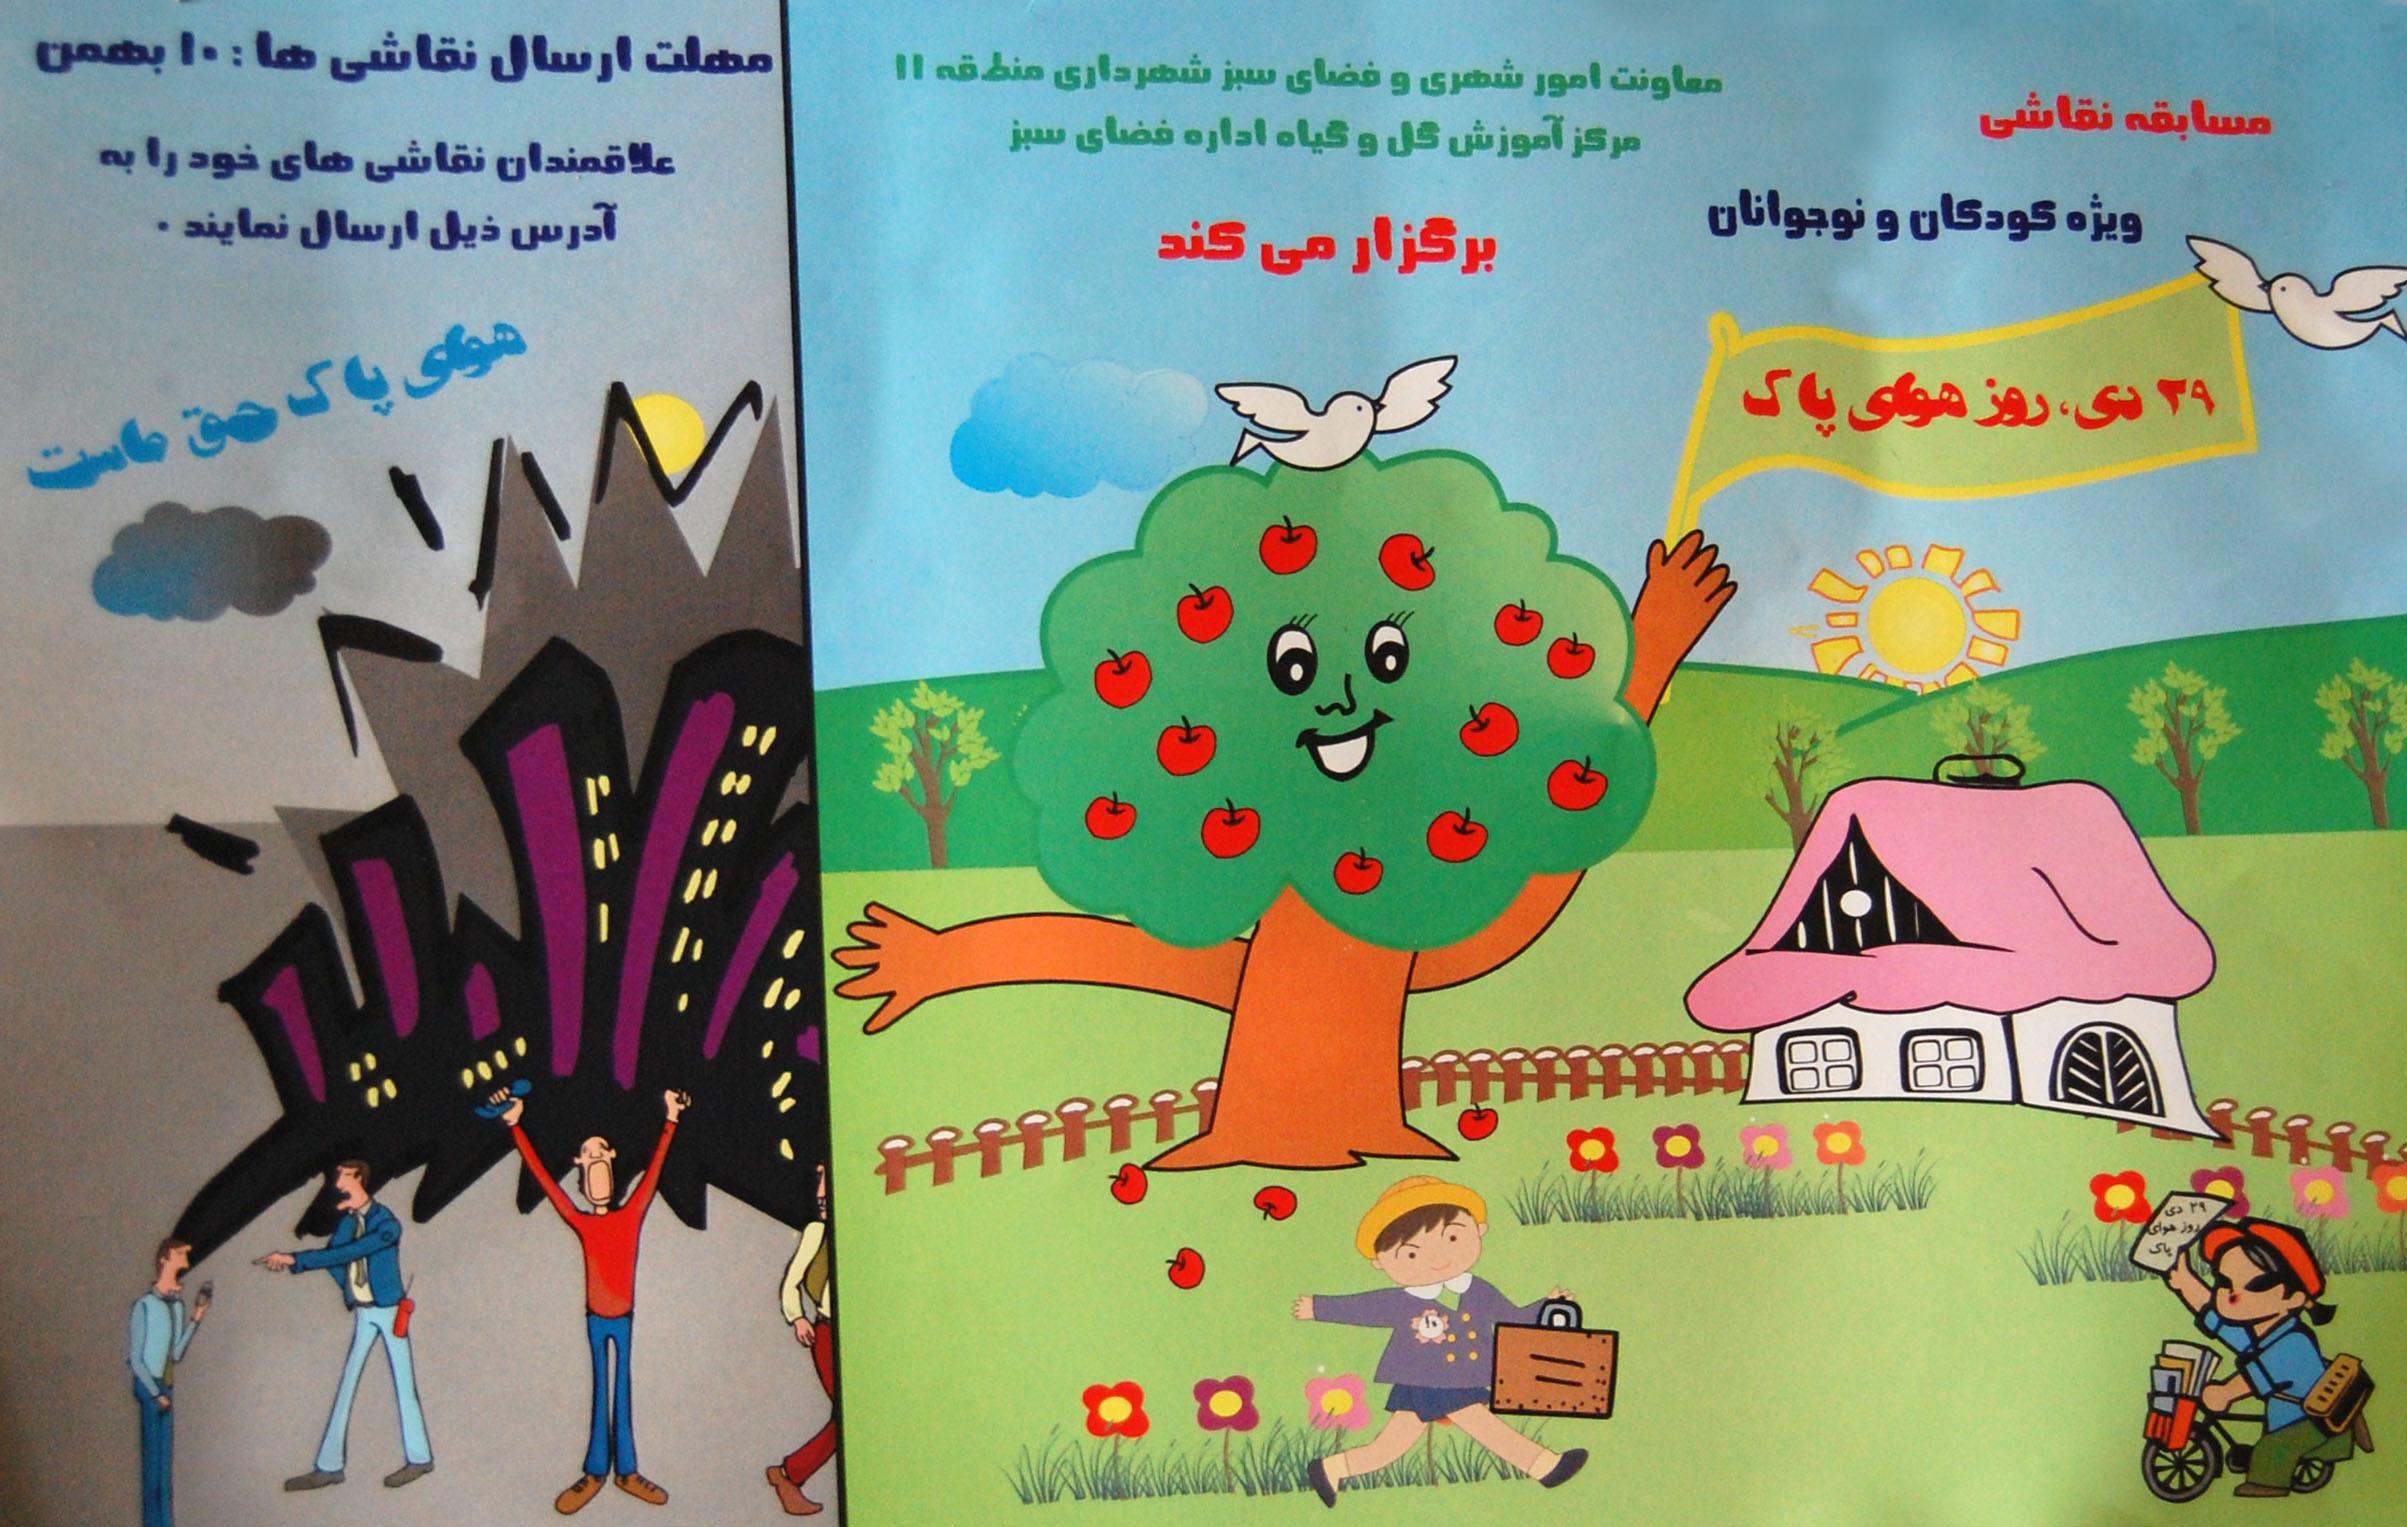 فراخوان مسابقه نقاشی روز هوای پاک